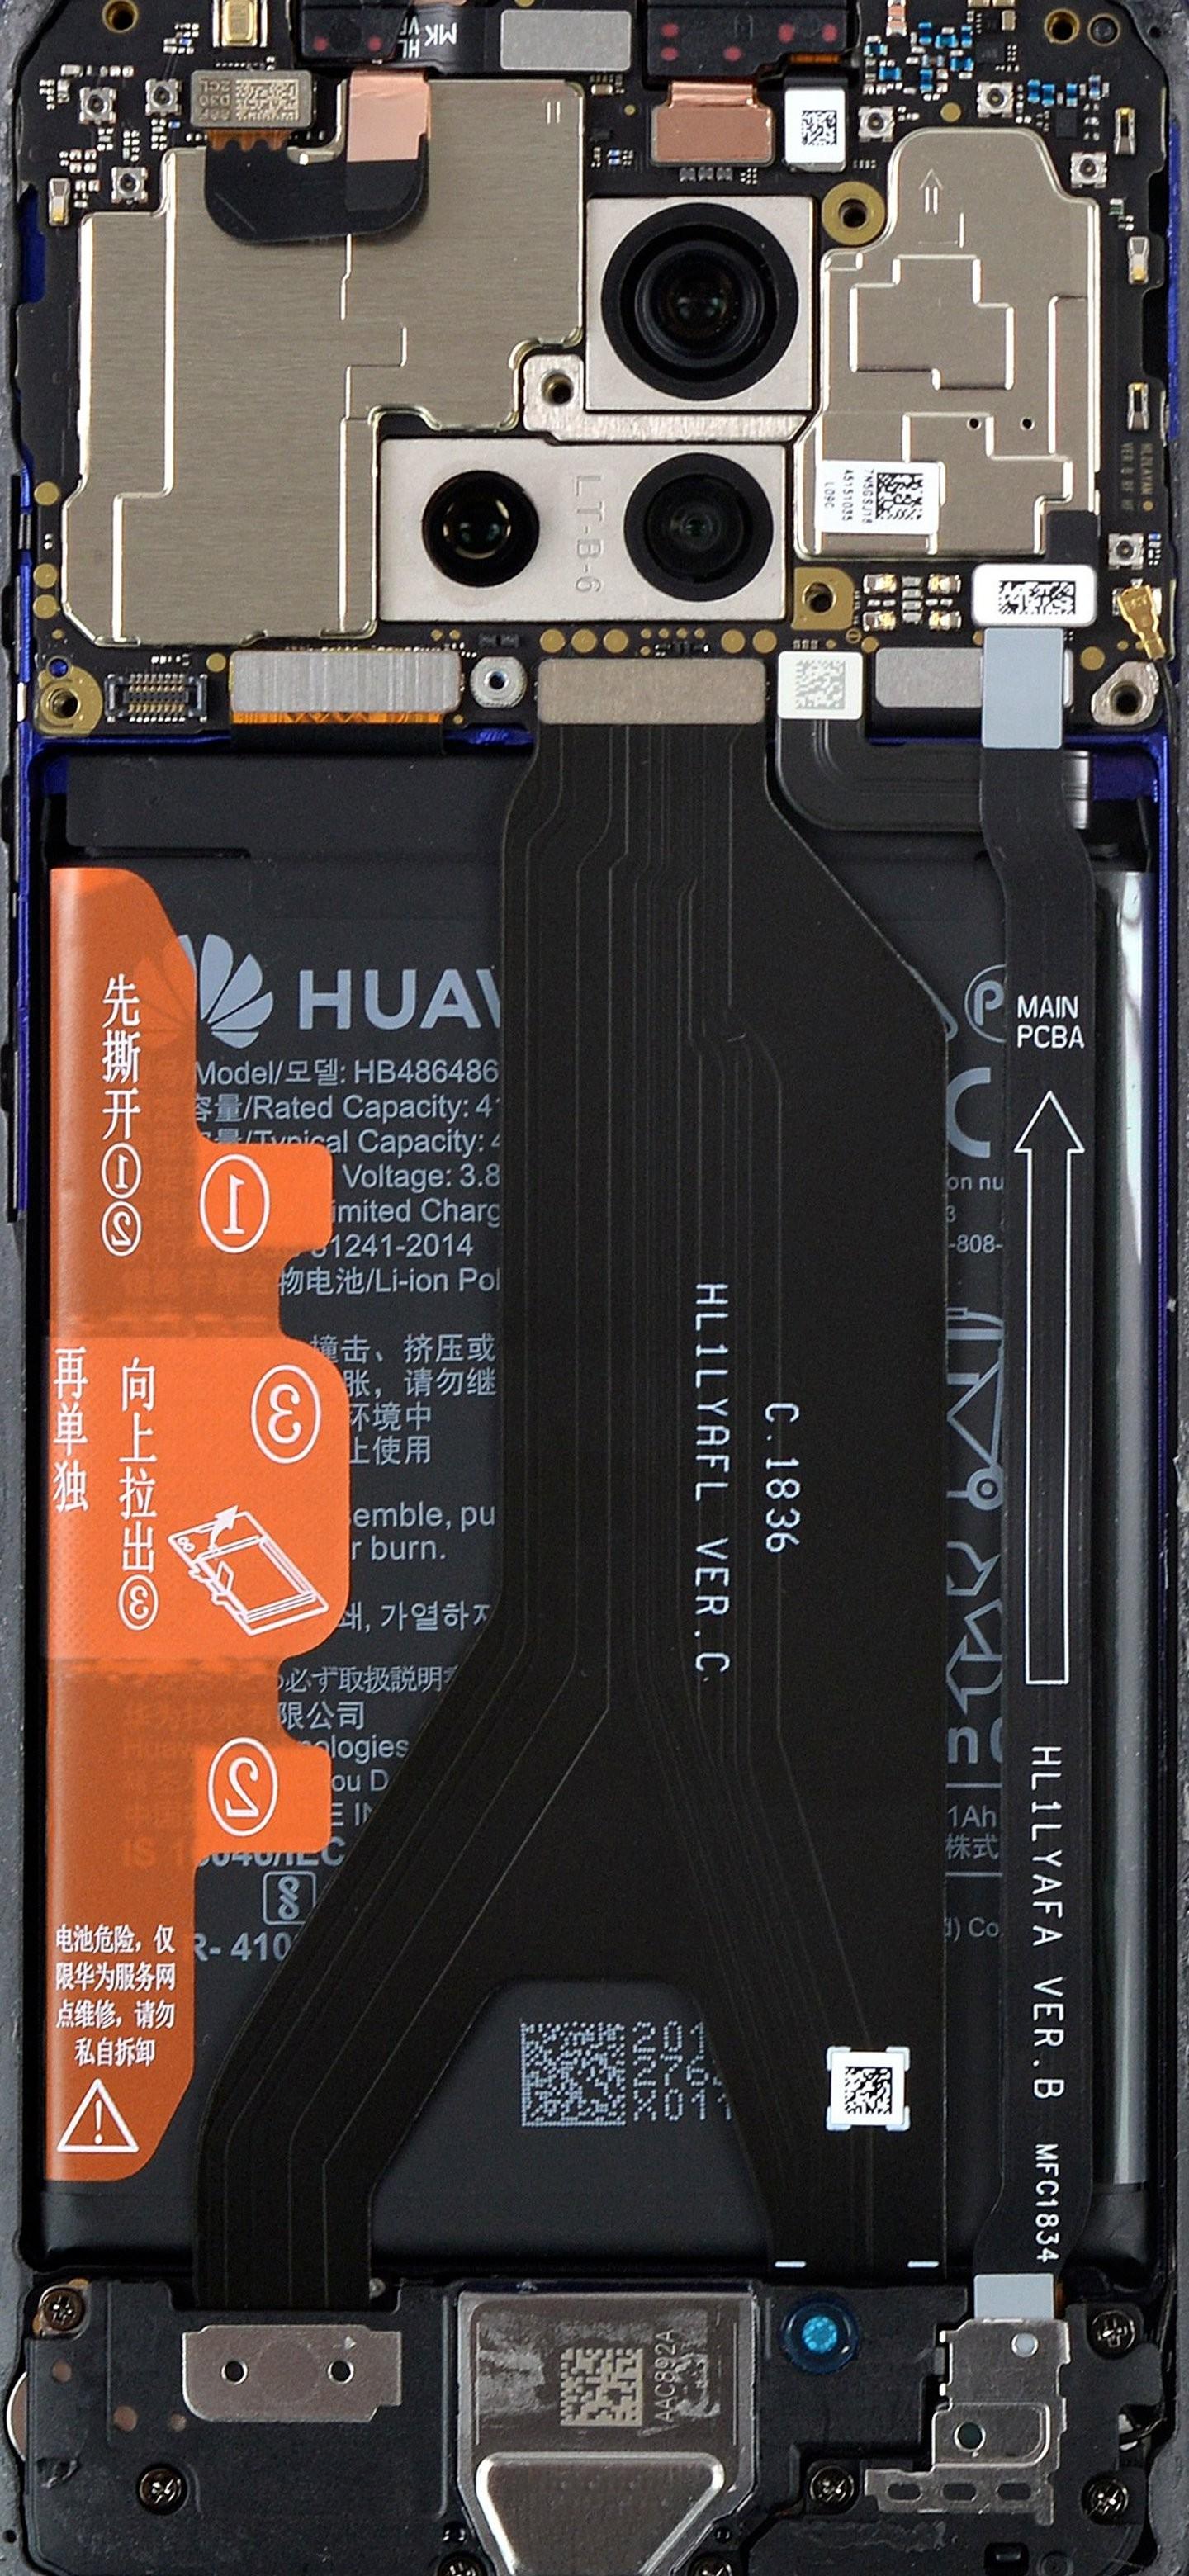 Huawei Mate 20 Pro szétszedve háttérkép